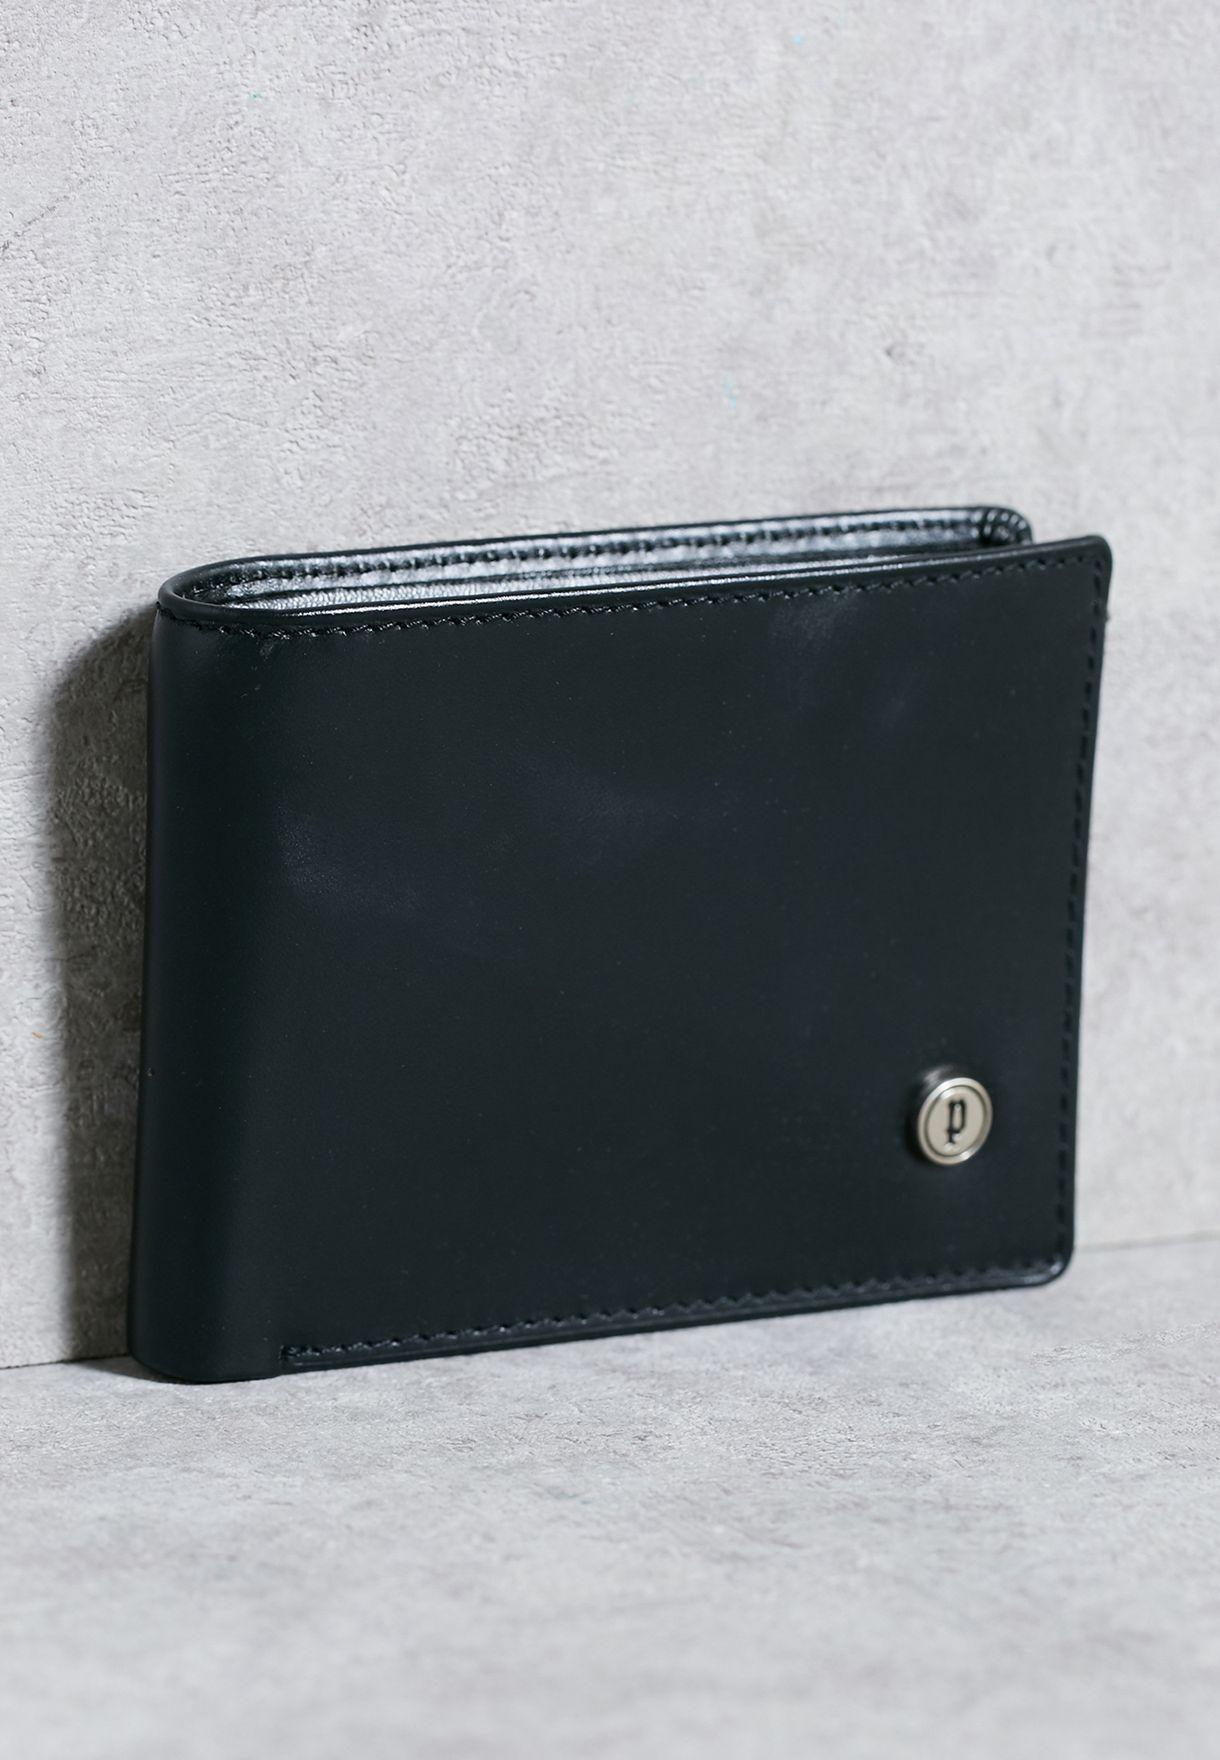 f68e978fb تسوق محفظة جلد اصلي ماركة بوليس لون أسود PA30013WLB/01 في السعودية ...